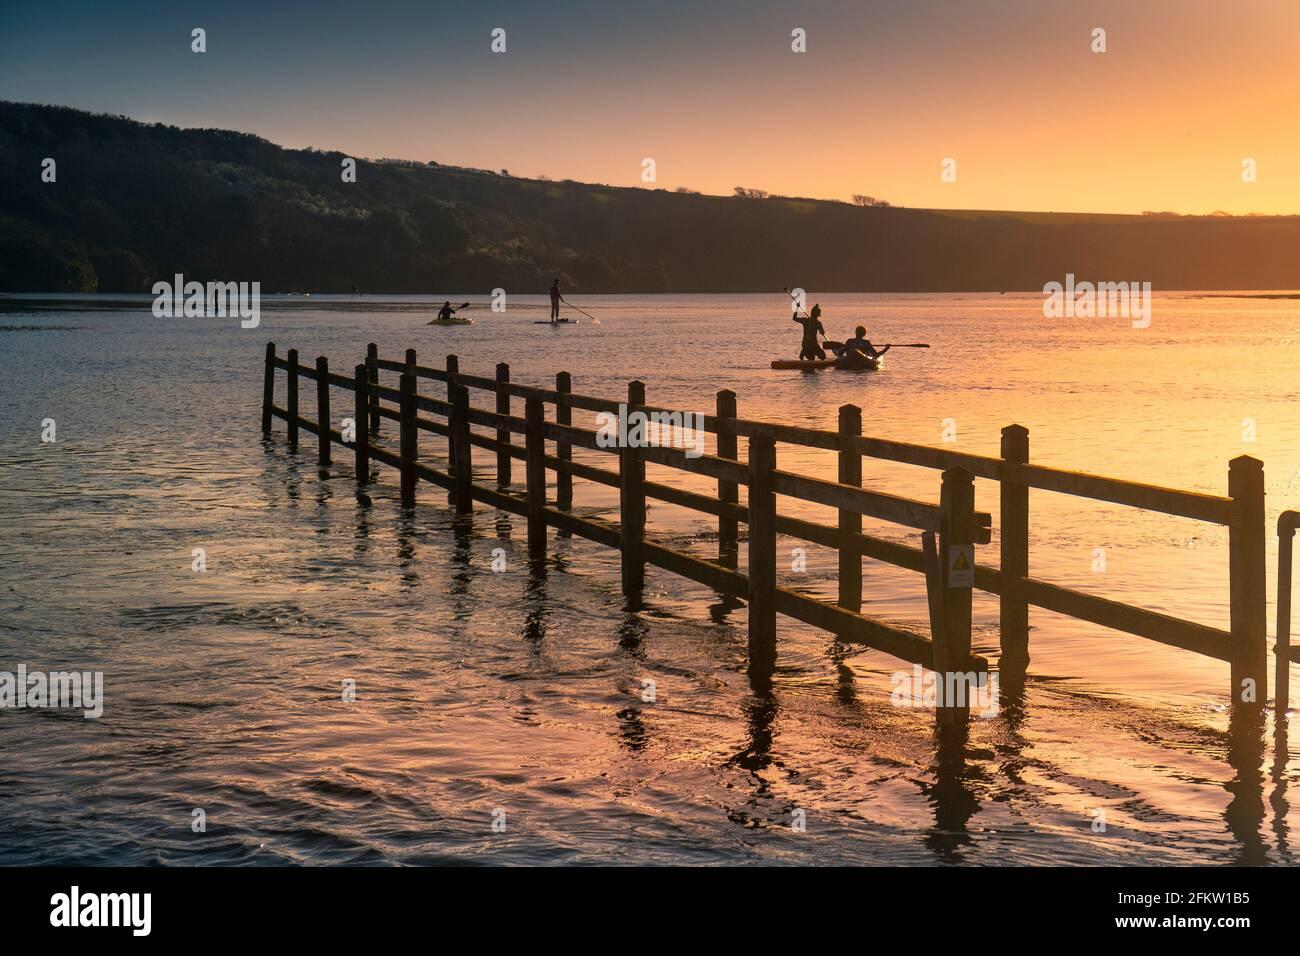 Coucher de soleil doré sur les personnes pagayant des kayaks et stand Up Paddleboard sur la rivière Gannel à marée haute à Newquay dans les Cornouailles. Banque D'Images